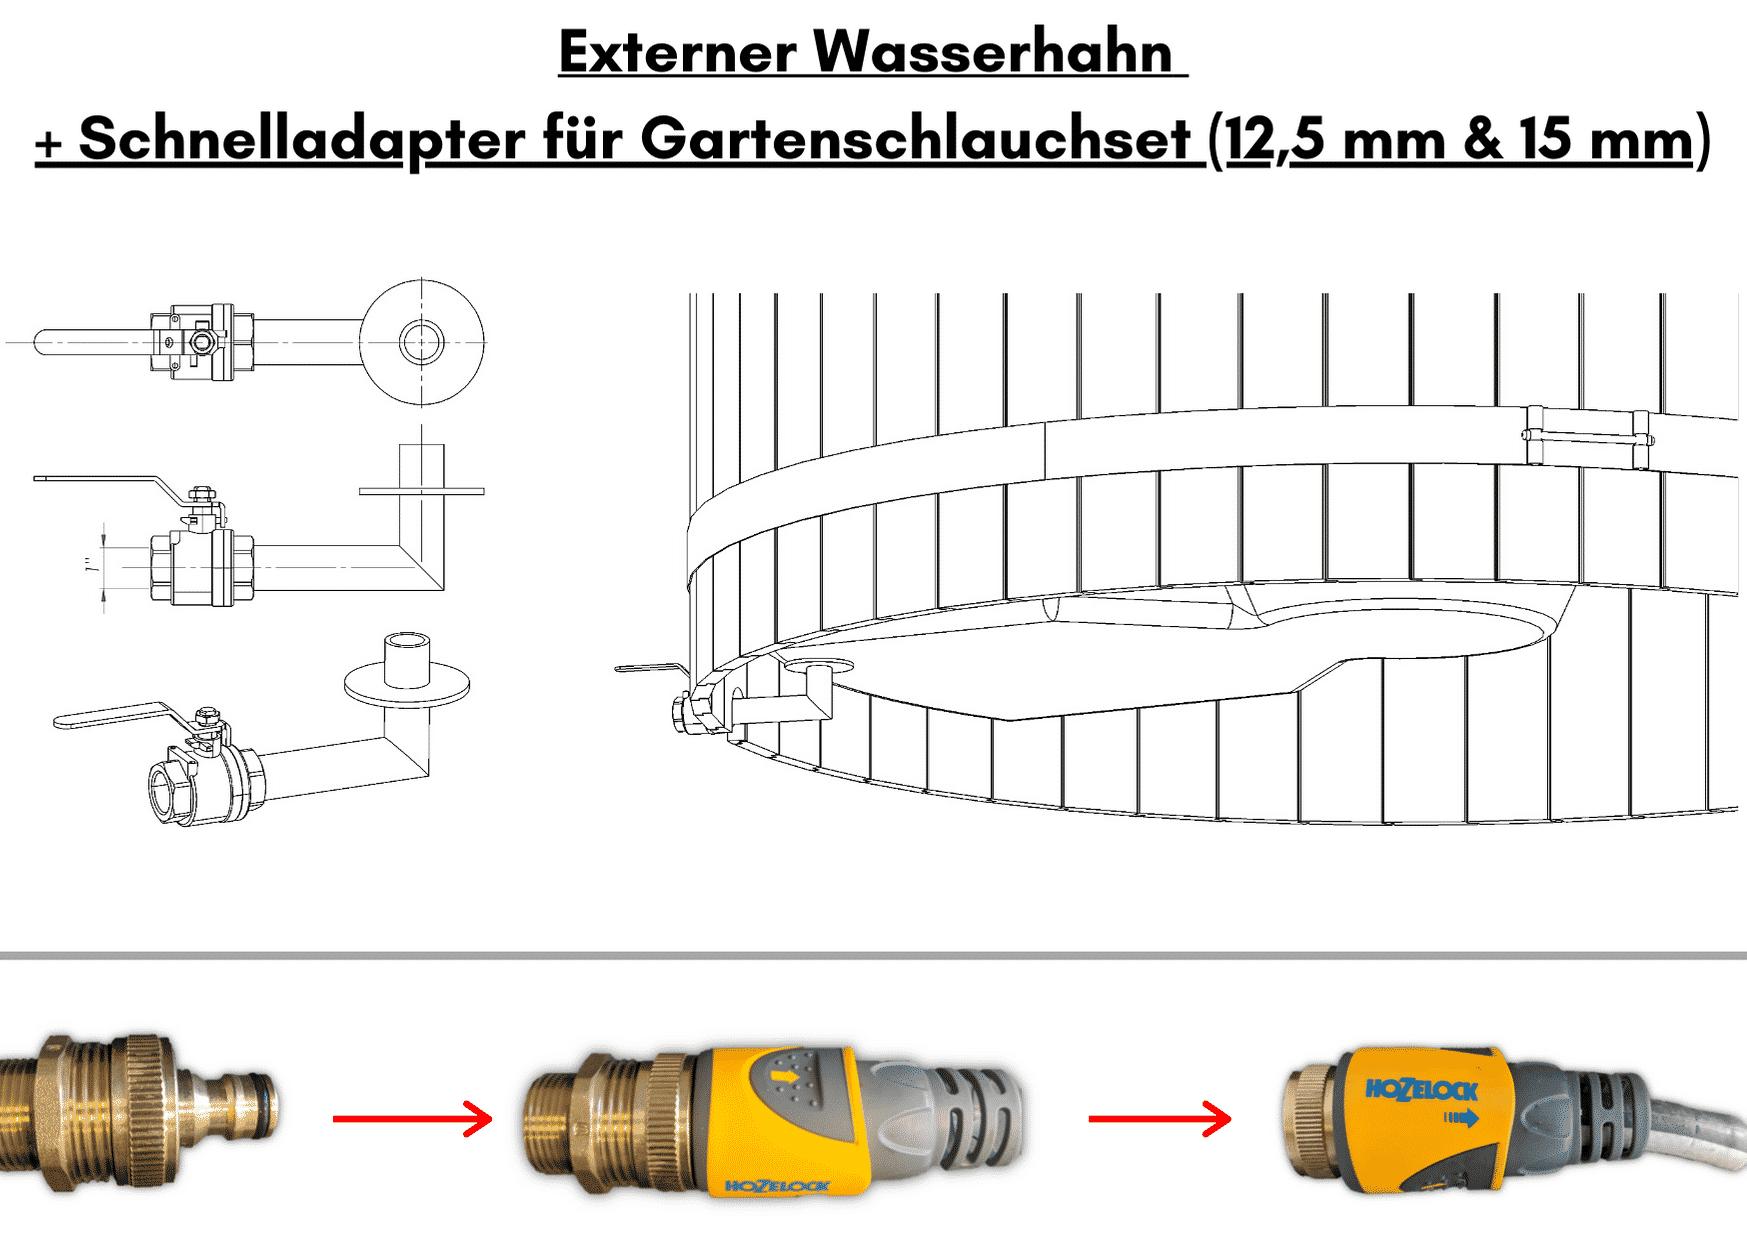 Wellness basic Externer Wasserhahn Schnelladapter fuer Gartenschlauchset